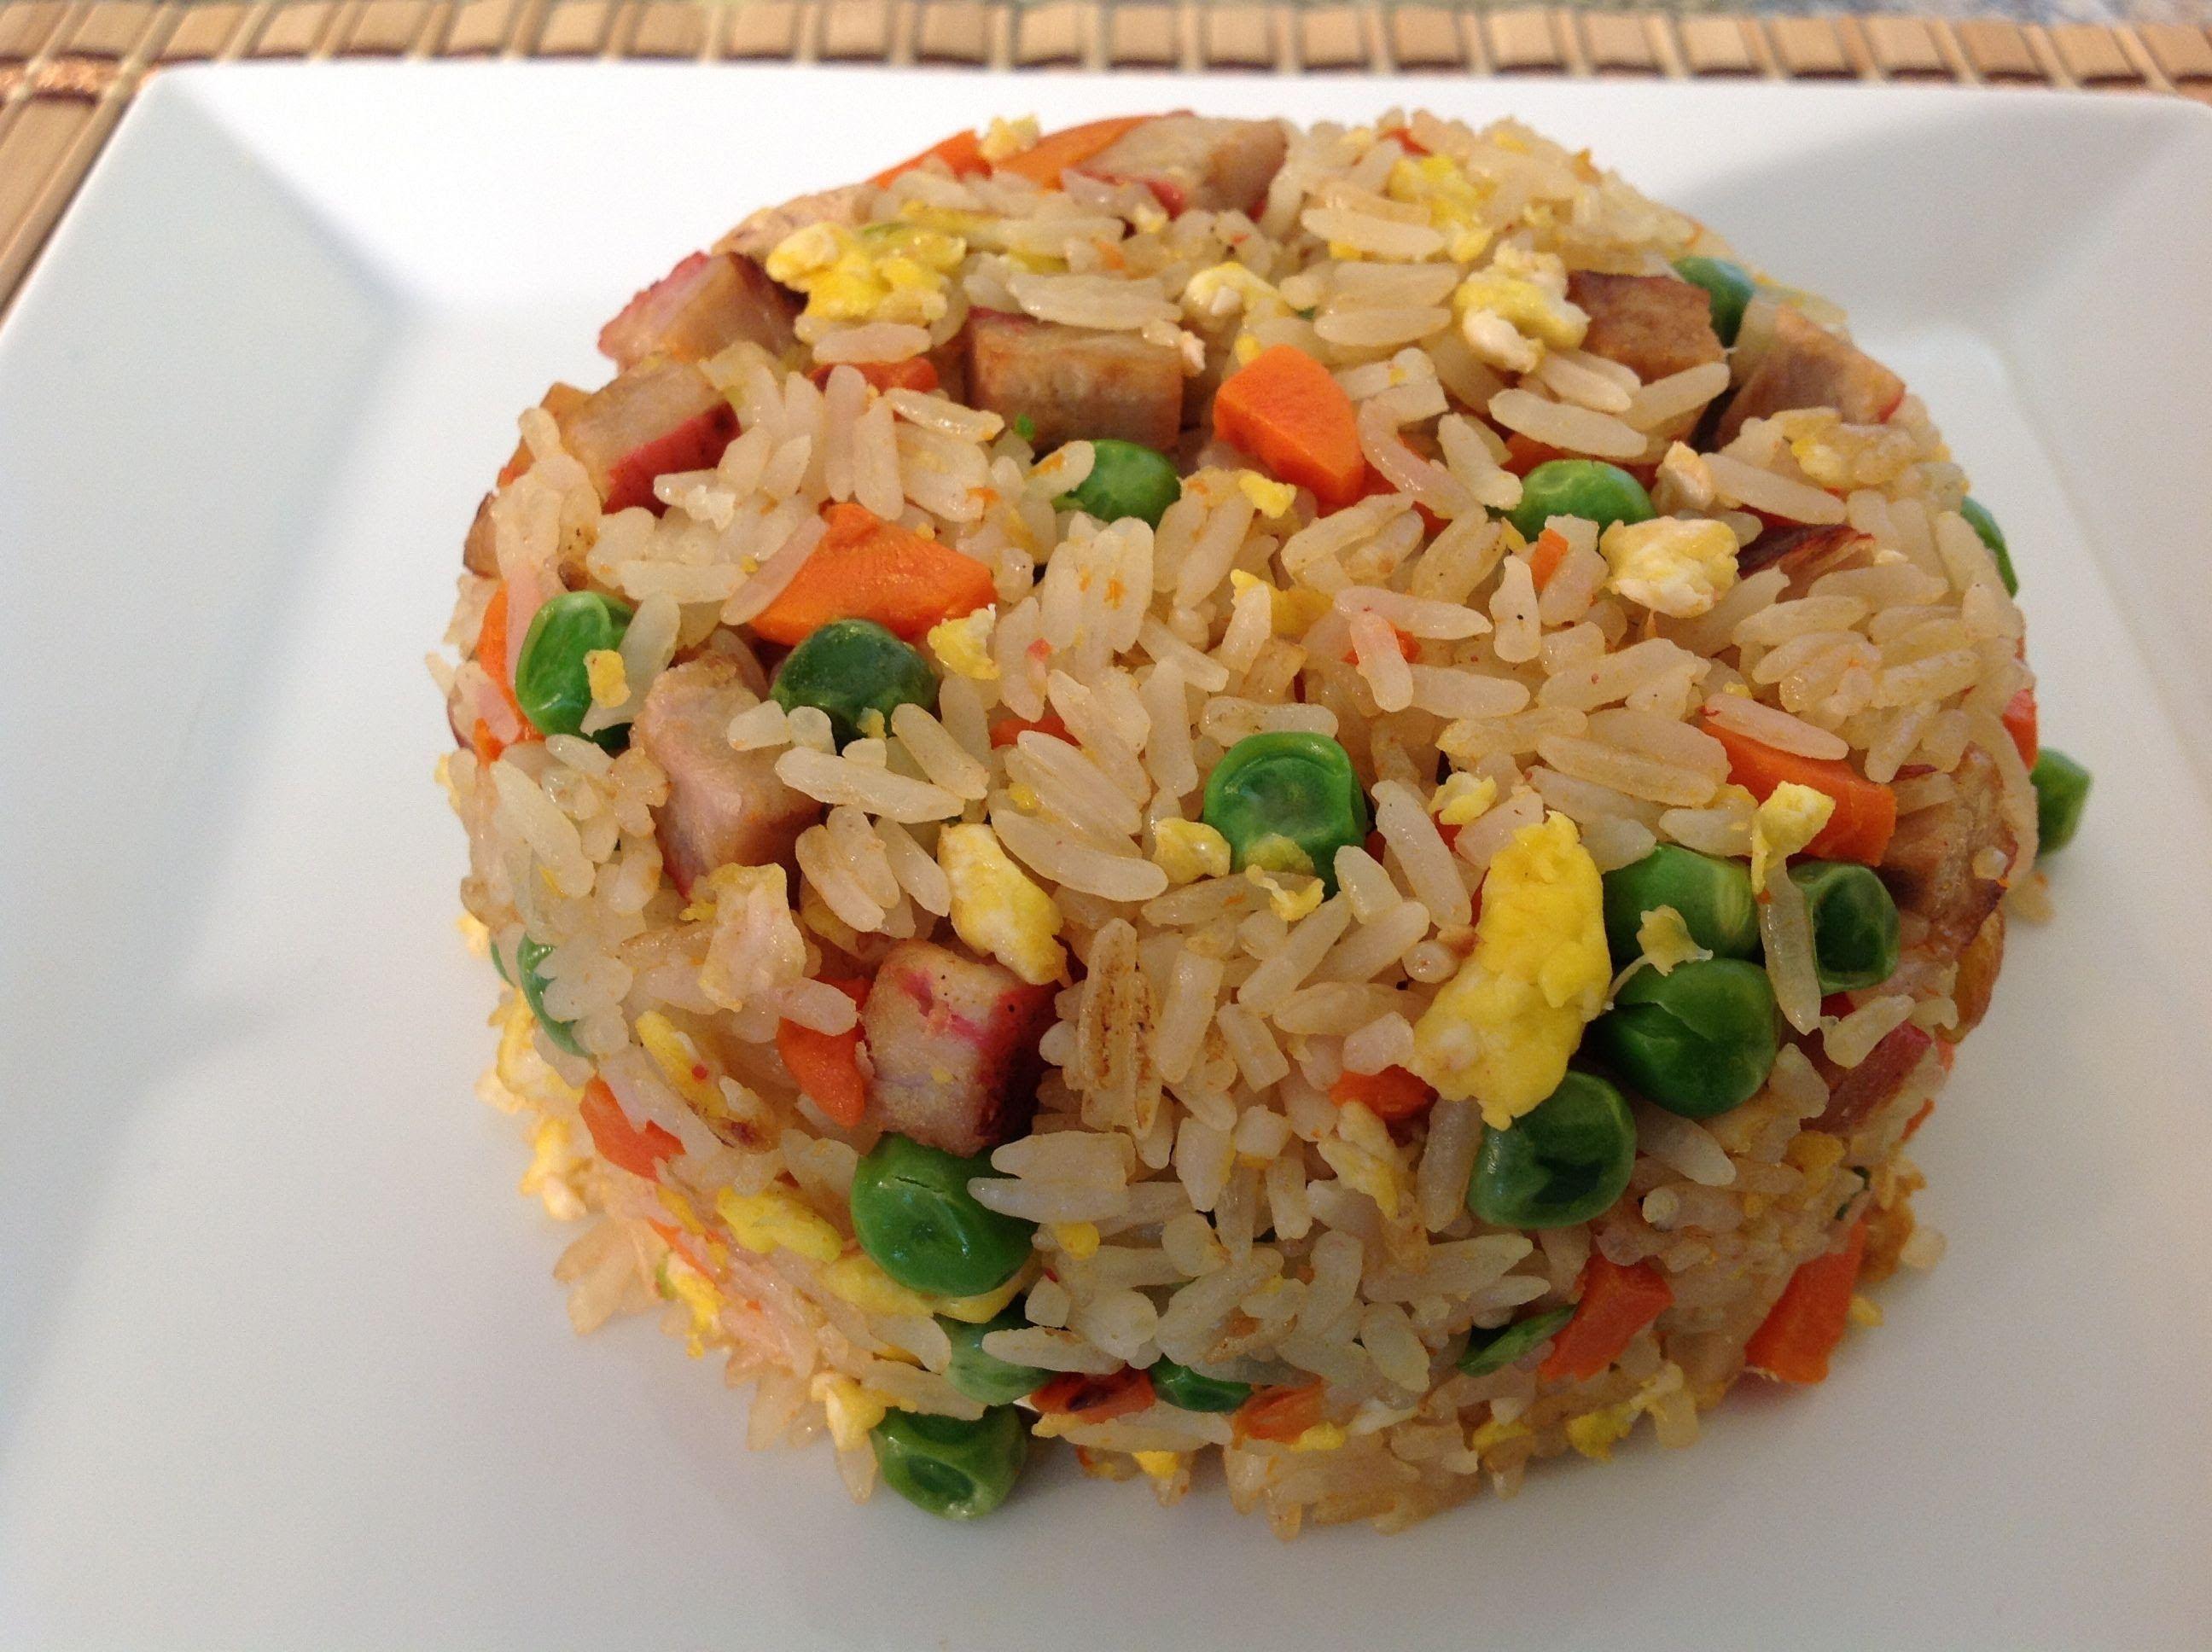 Pork fried rice recipe how to make pork fried rice asian food pork fried rice recipe how to make pork fried rice asian food recipes forumfinder Images